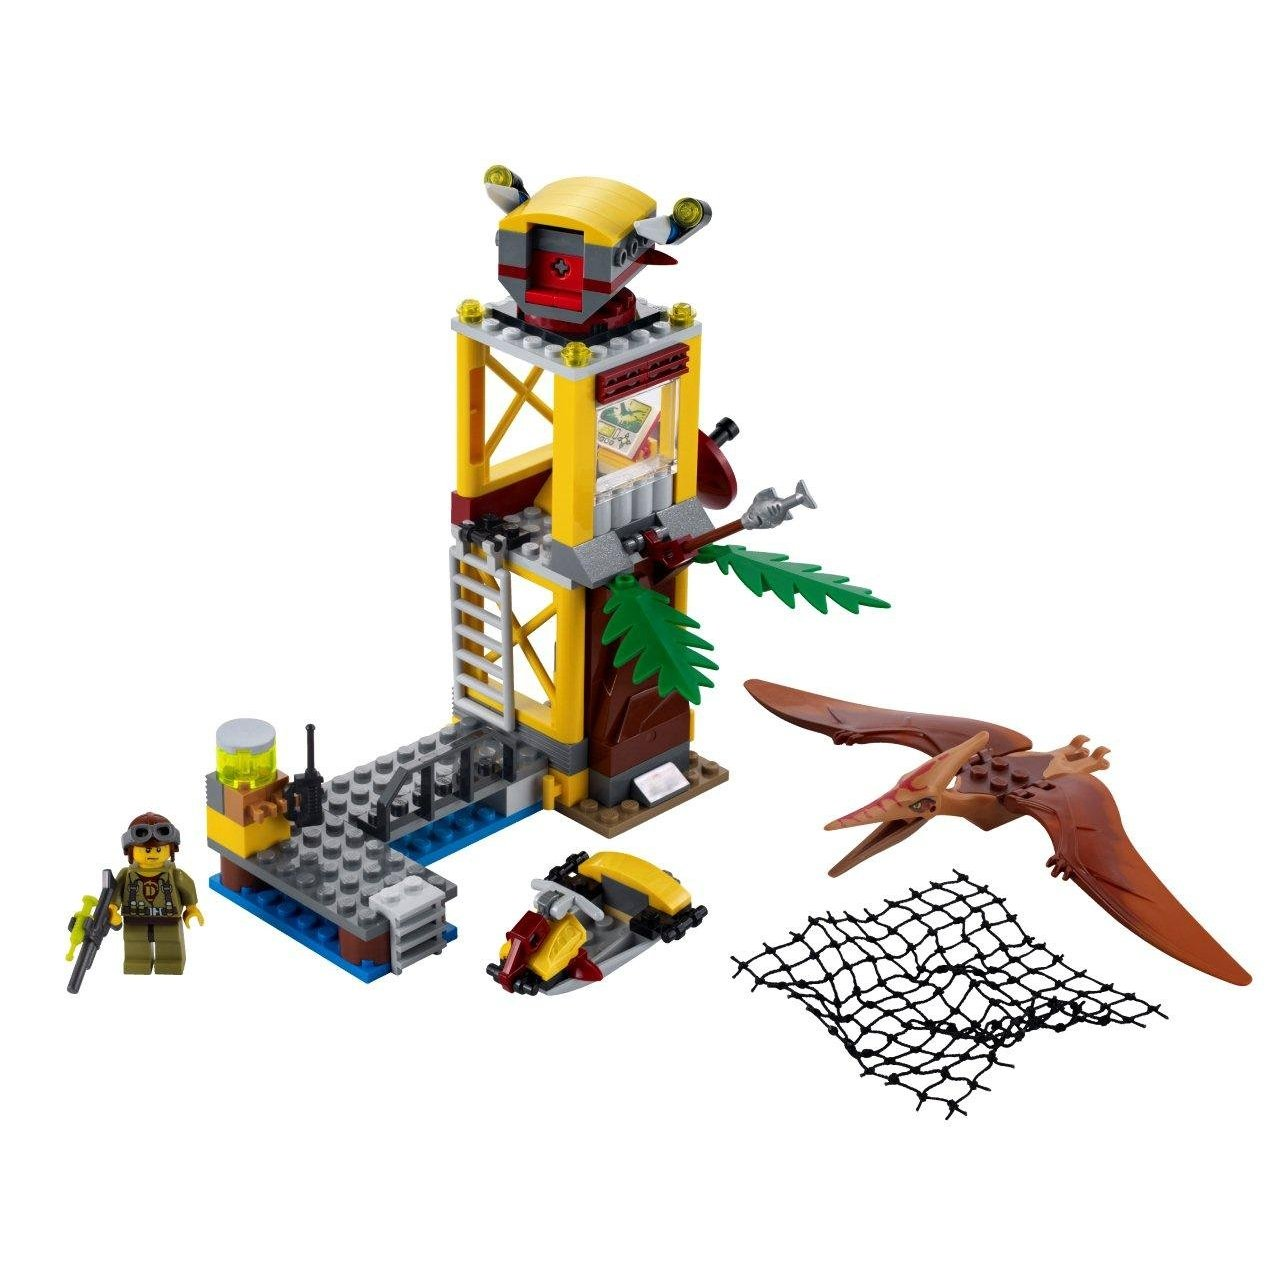 Pin lego dino 5887 jeu de construction le qg de d fense - Lego modeles de construction ...